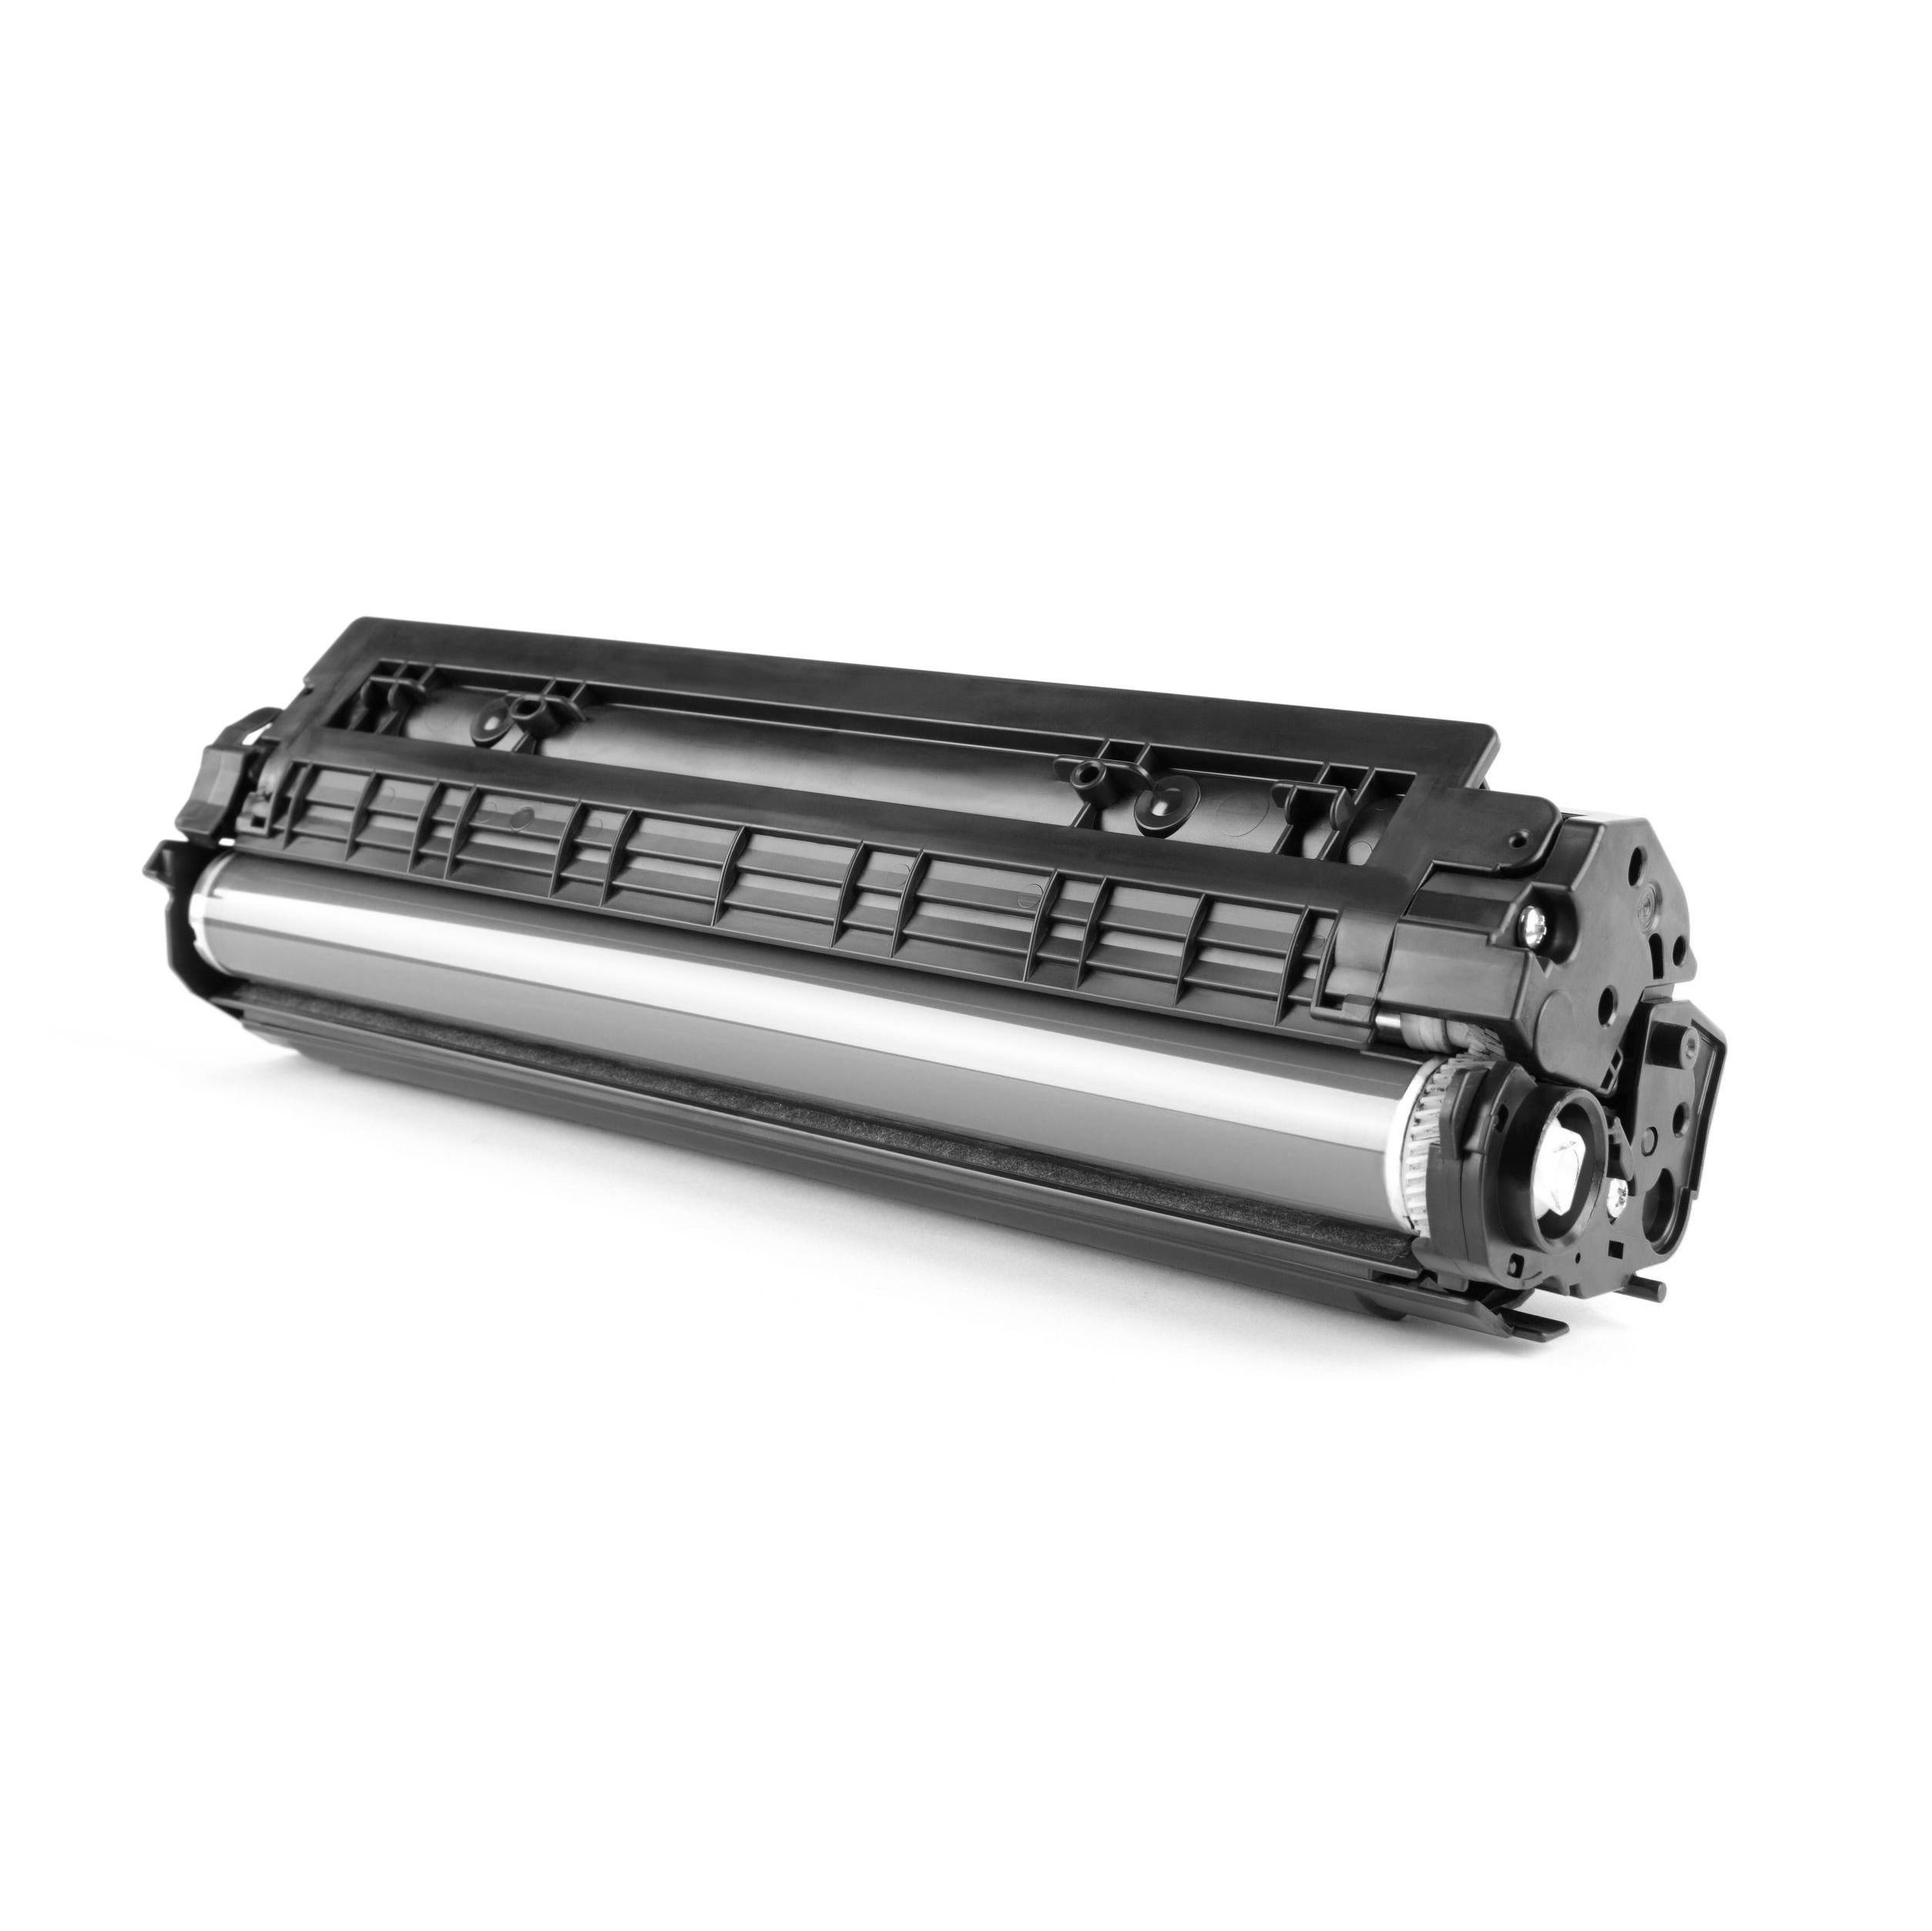 Canon Originale imagePROGRAF Pro-300 Cartuccia stampante (PFI-300 CO / 4201 C 001), Contenuto: 14 ml